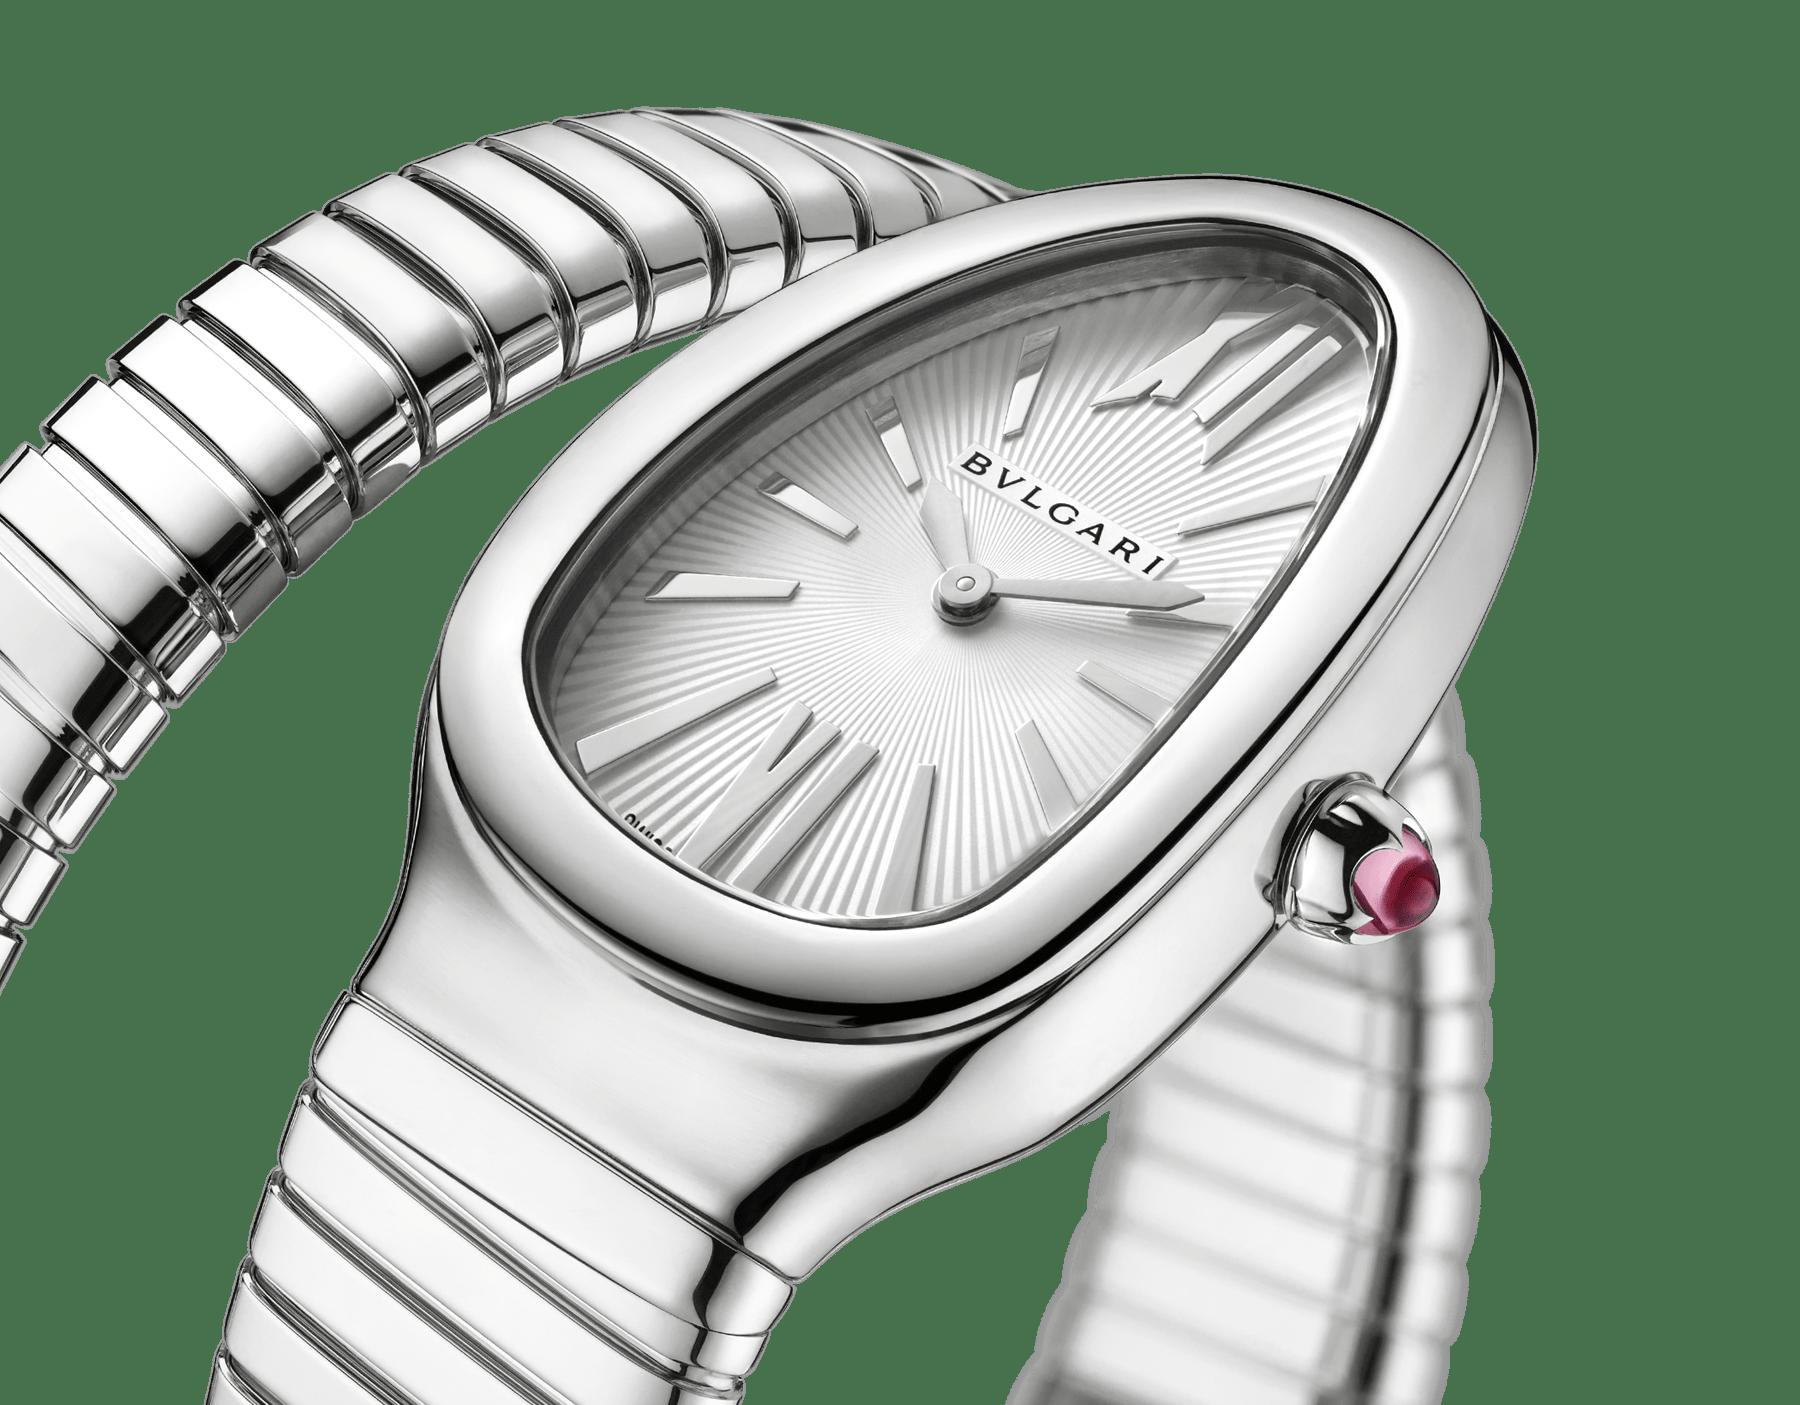 セルペンティ トゥボガス シングルスパイラル ウォッチ。ステンレススティール製ケースとブレスレット。シルバーのオパラインダイアル。ラージサイズ。 SrpntTubogas-white-dial1 image 3